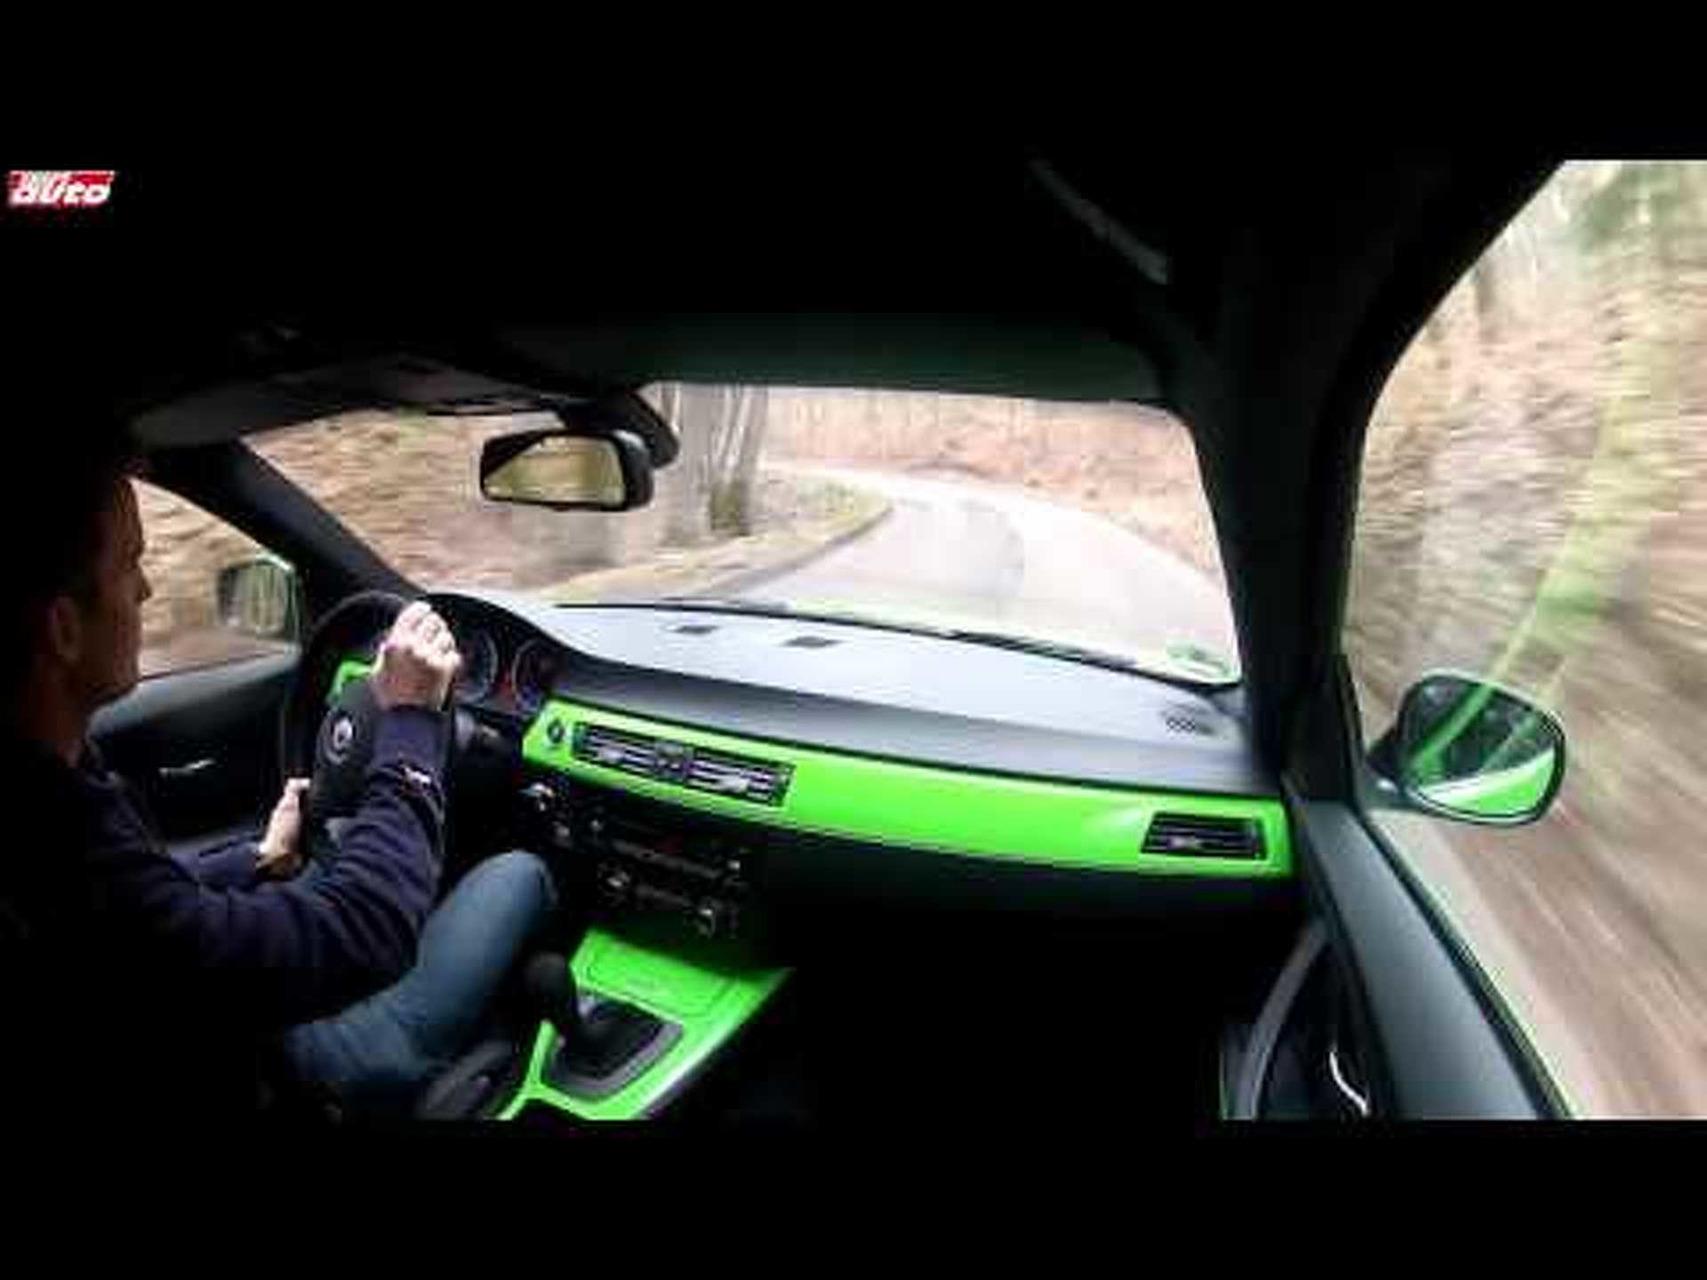 Alpina B3 GT3 408 PS 0-309 km/h Test sport auto Top Speed Limited BMW Alpina Nr. 4 of 99